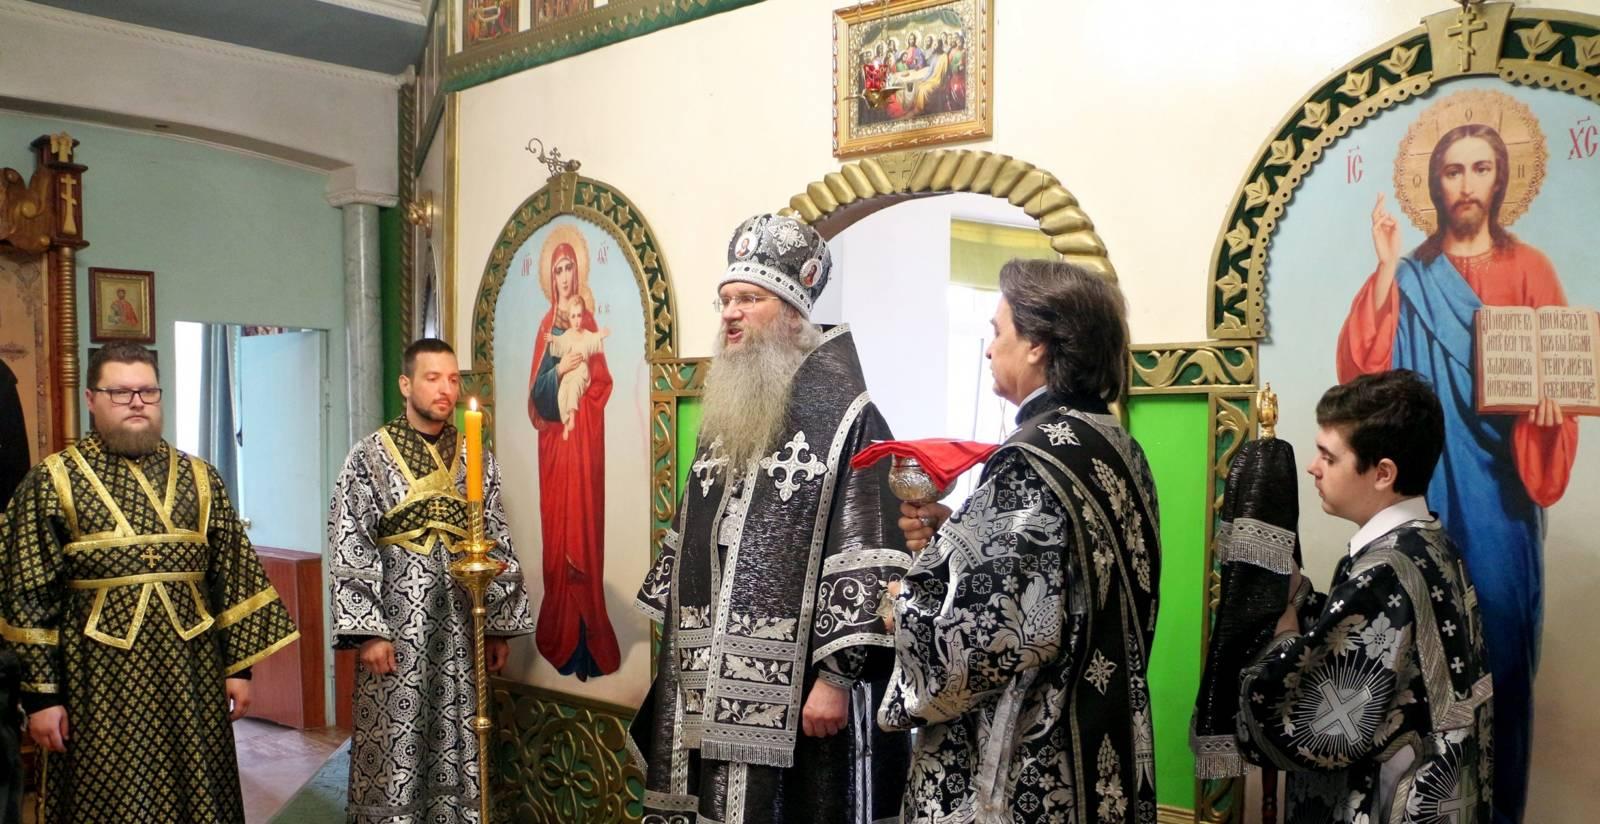 Божественная Литургия Преждеосвященных Даров в храме Прп. Сергия Радонежского.